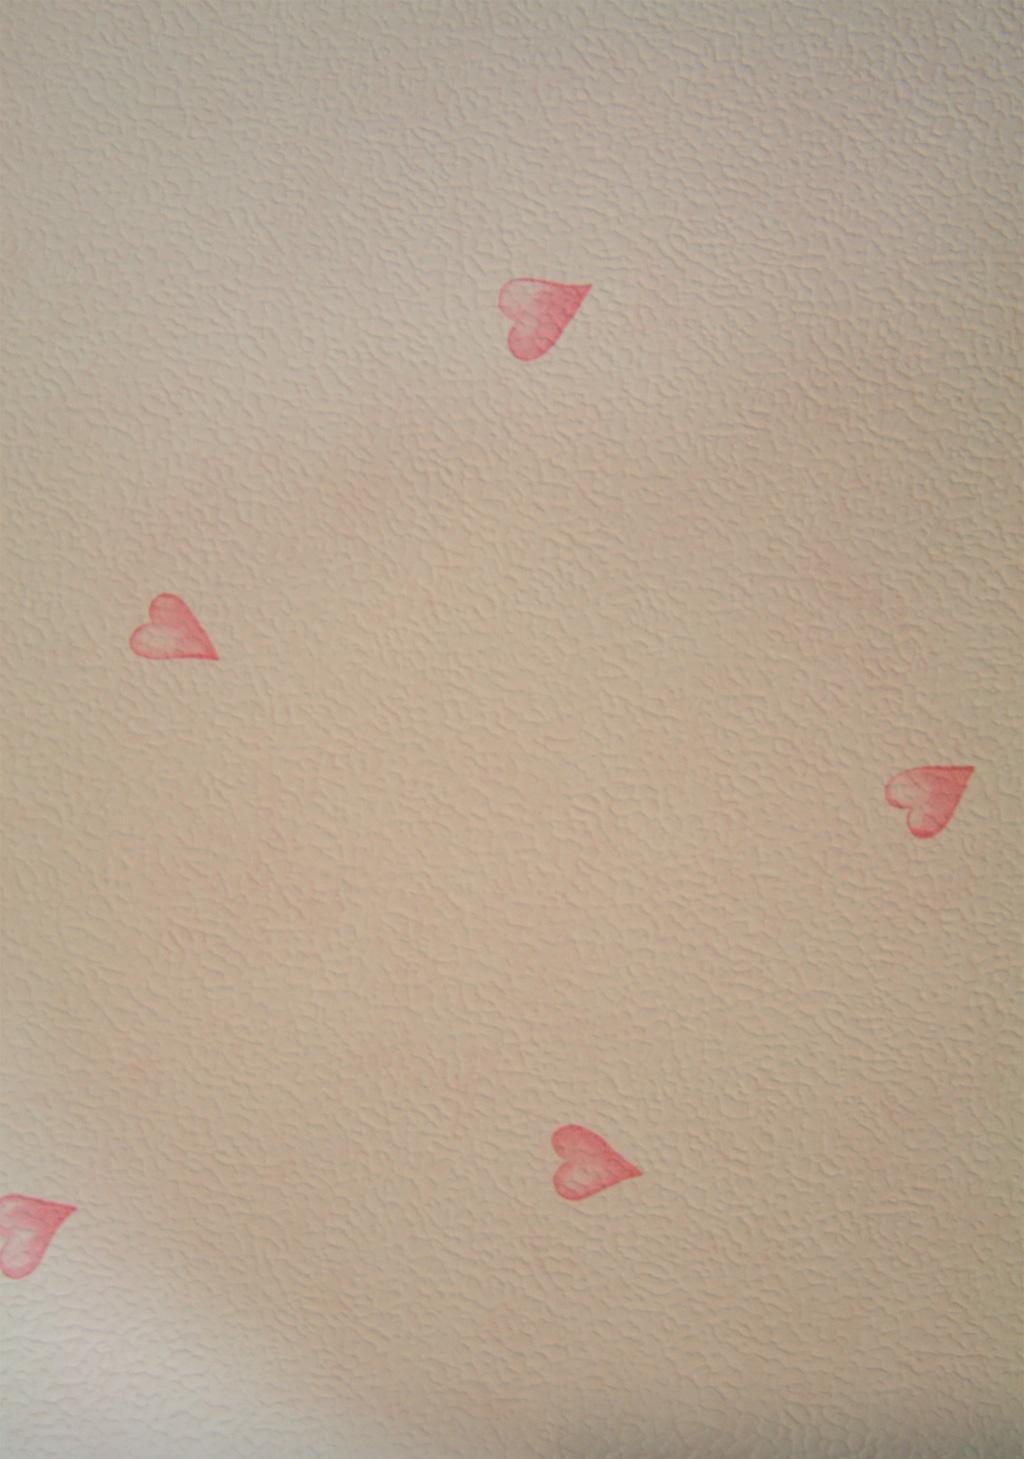 豪美迪壁纸儿童系列-155426155426